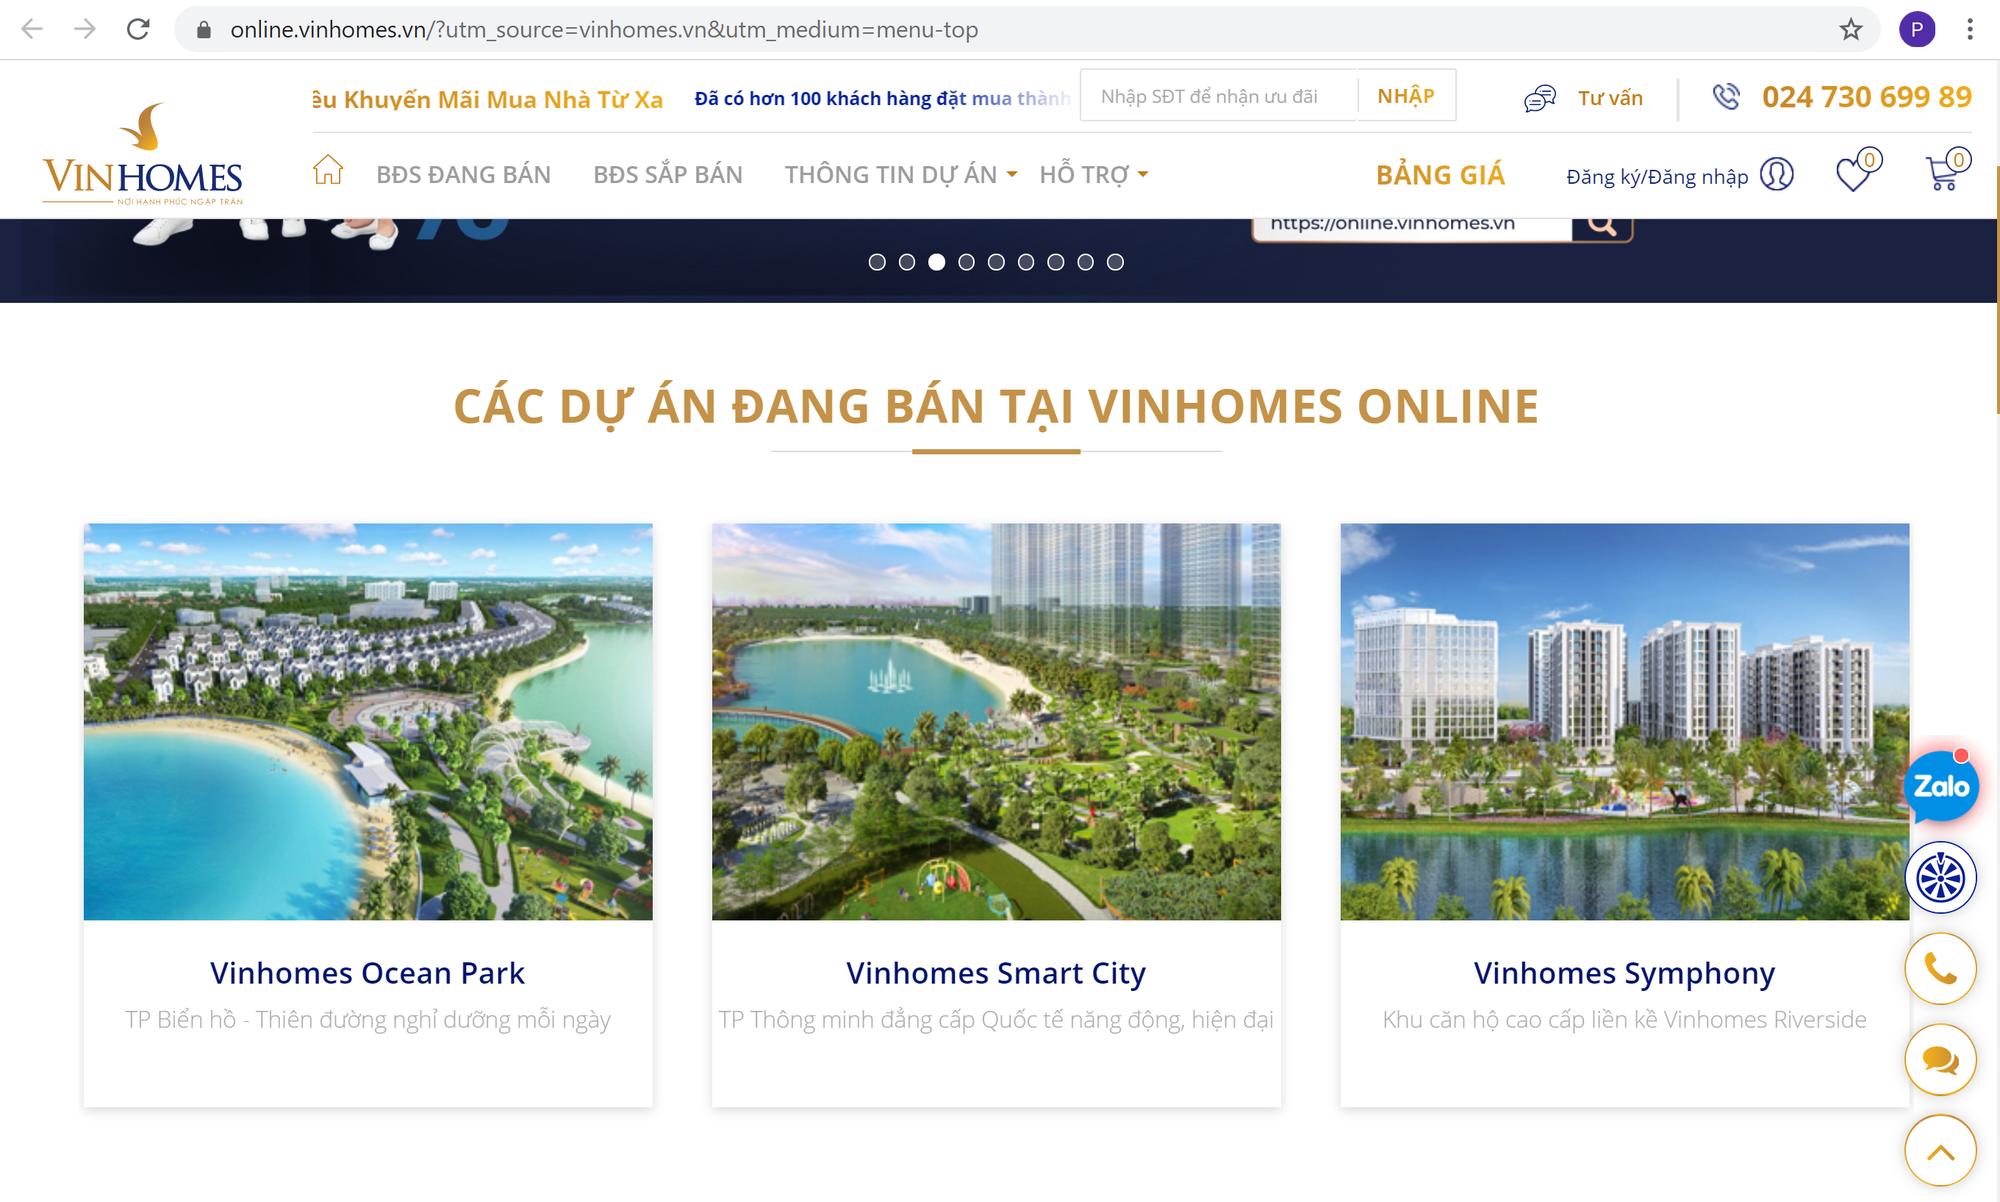 Vinhomes ra mắt sàn giao dịch bất động sản Vinhomes Online - Ảnh 1.